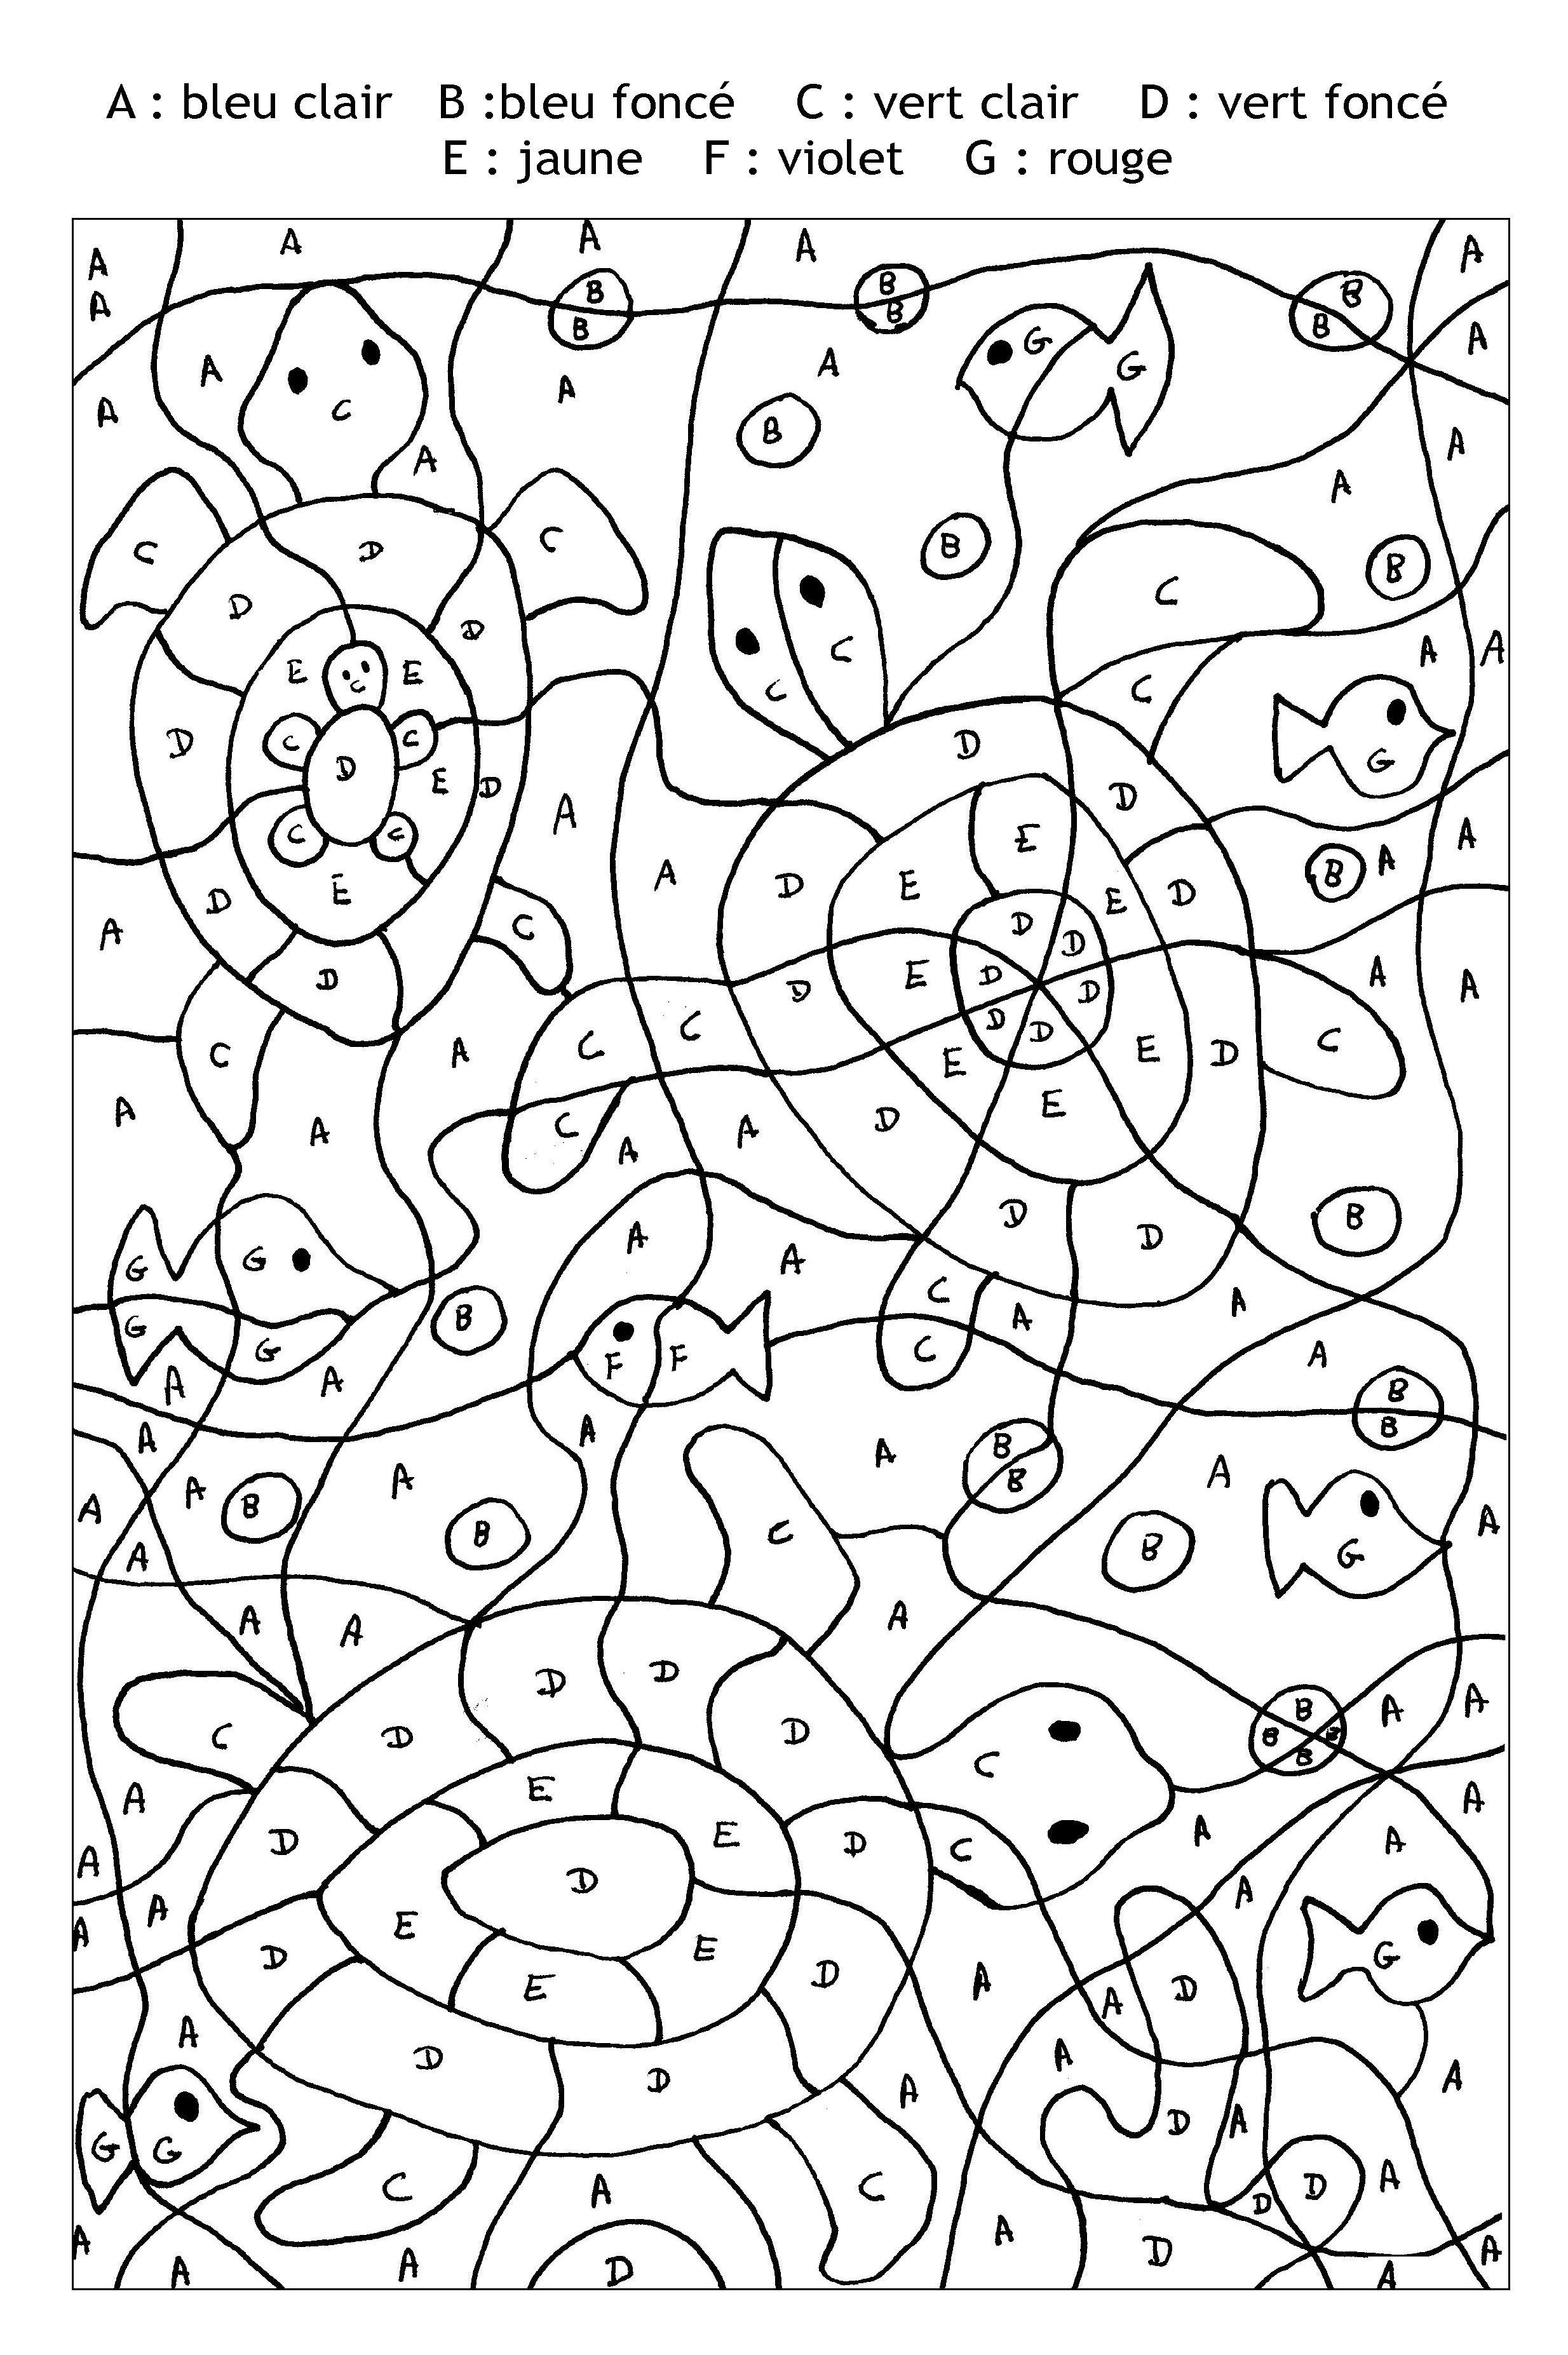 Épinglé Sur Color By Number For Adults And Children pour Coloriage Magique De Chat